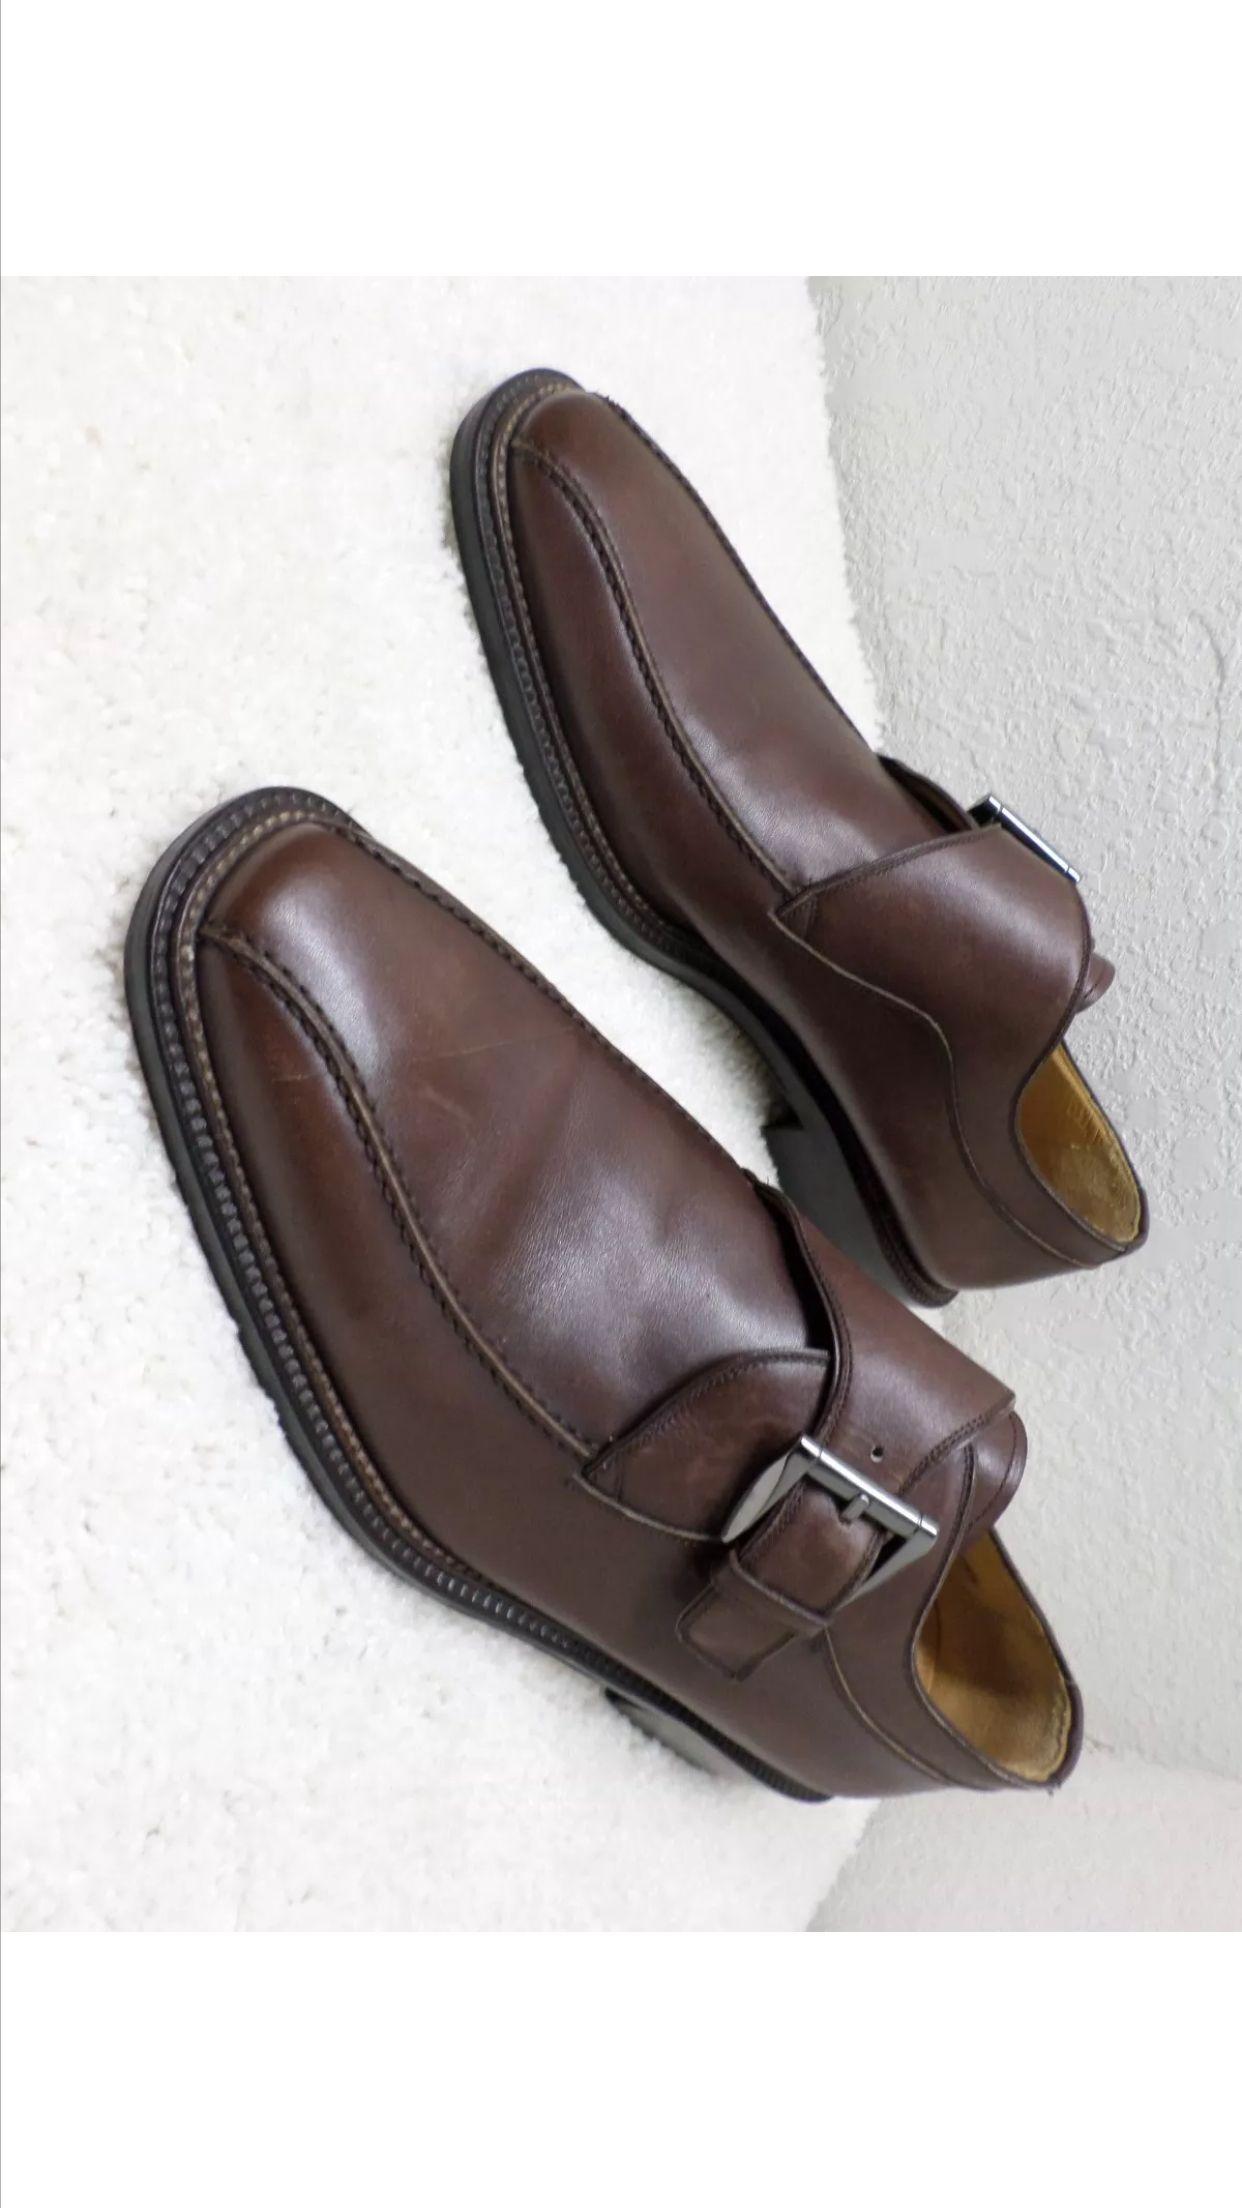 Soulier brown Monkstrap. GFA